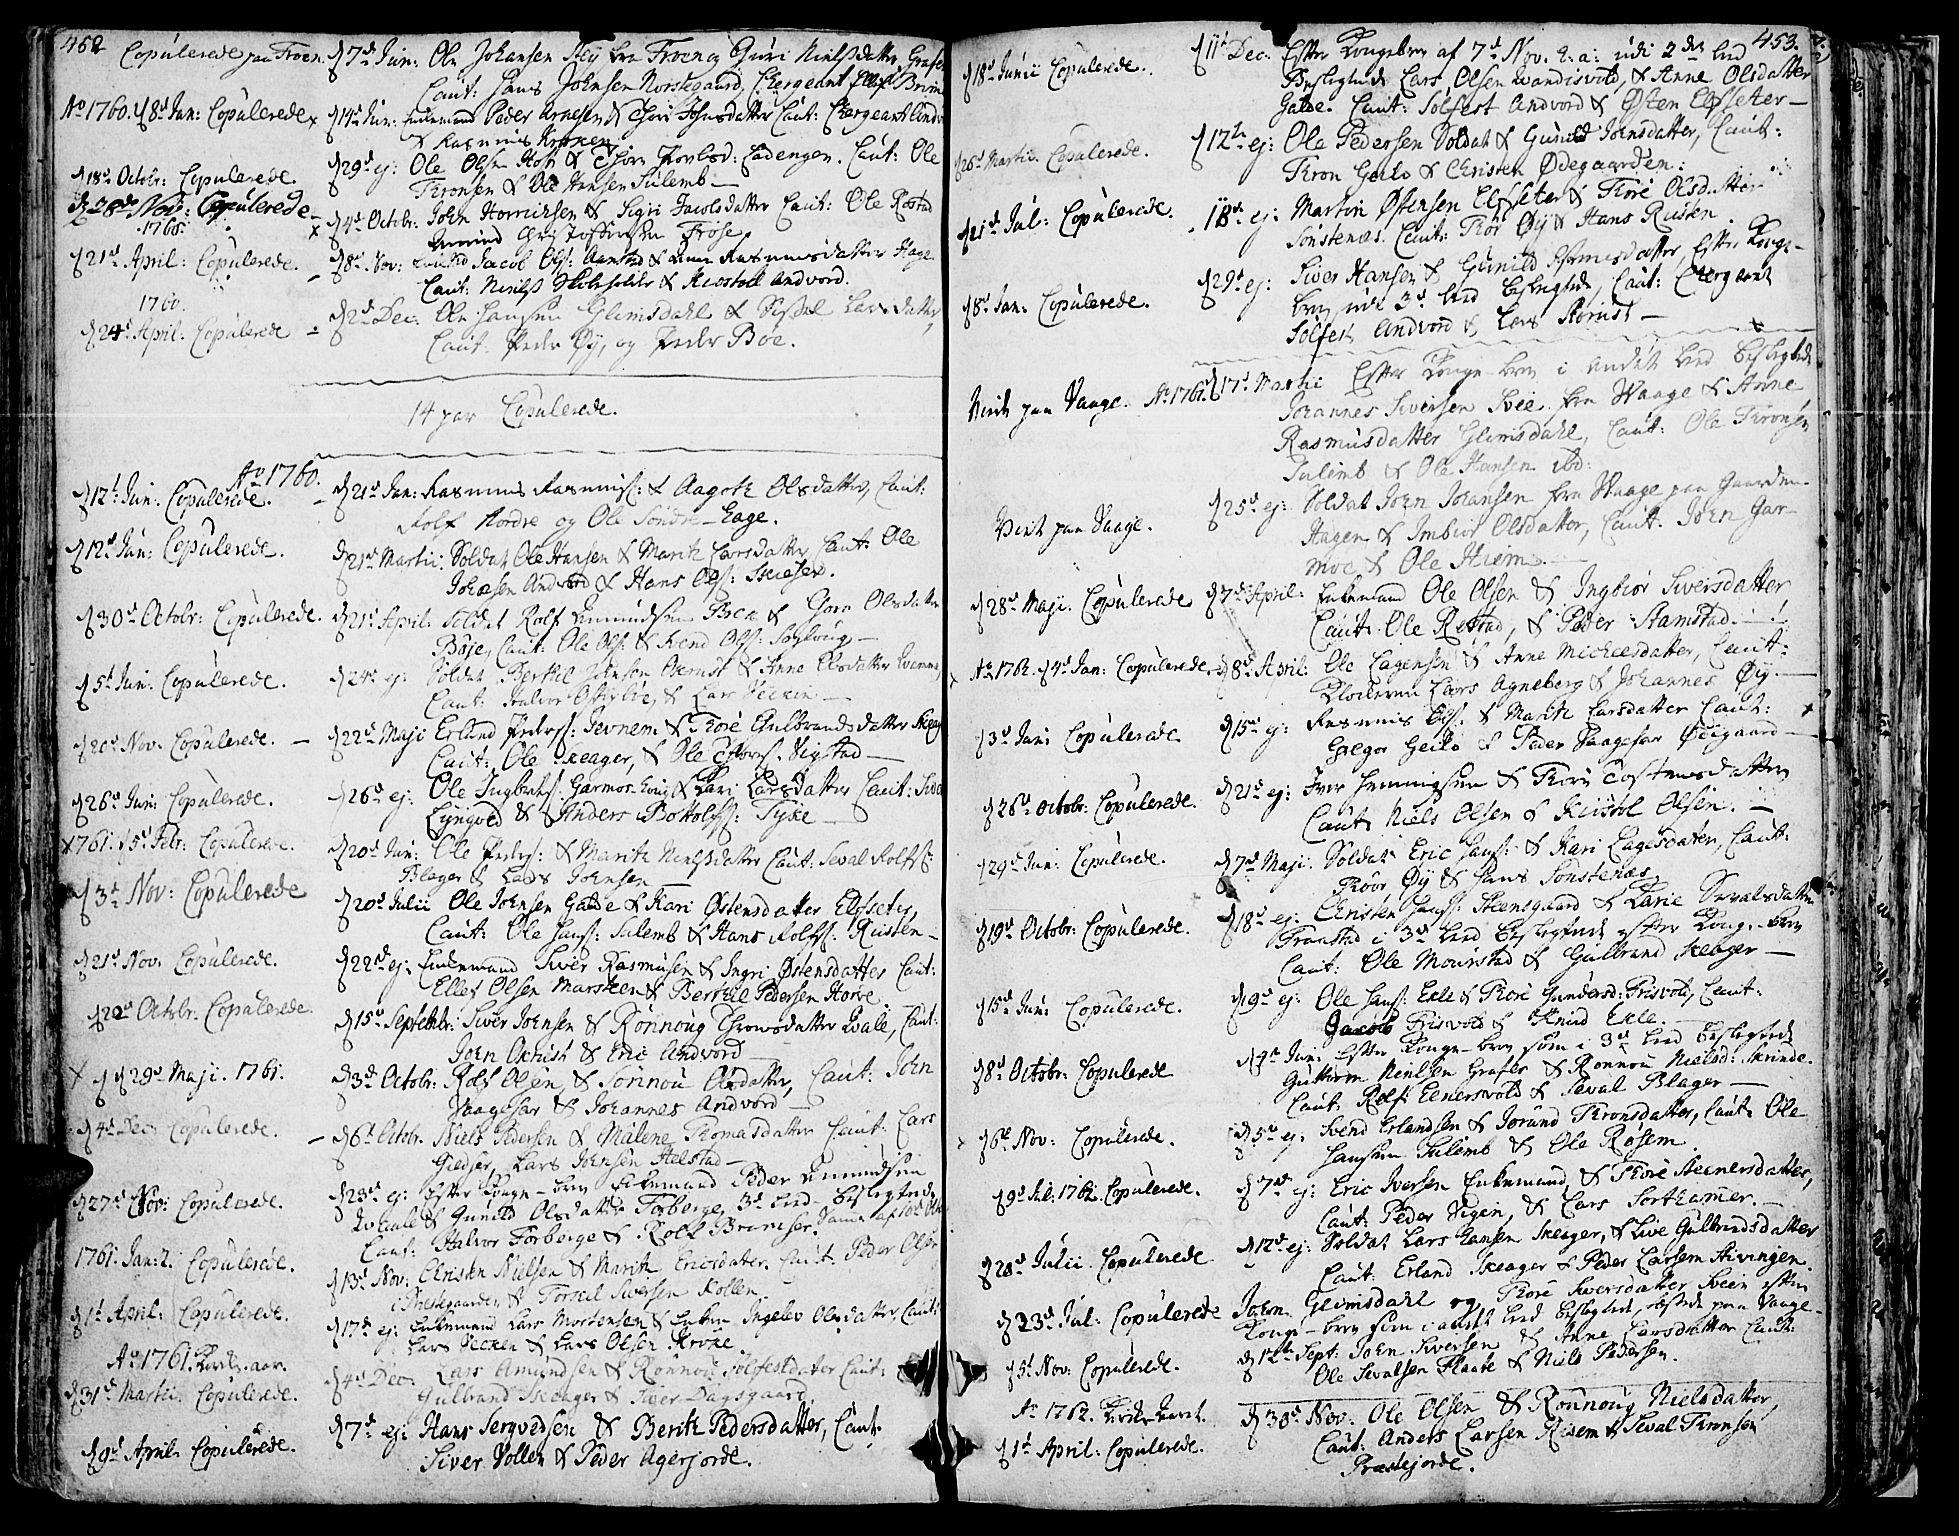 SAH, Lom prestekontor, K/L0002: Ministerialbok nr. 2, 1749-1801, s. 452-453